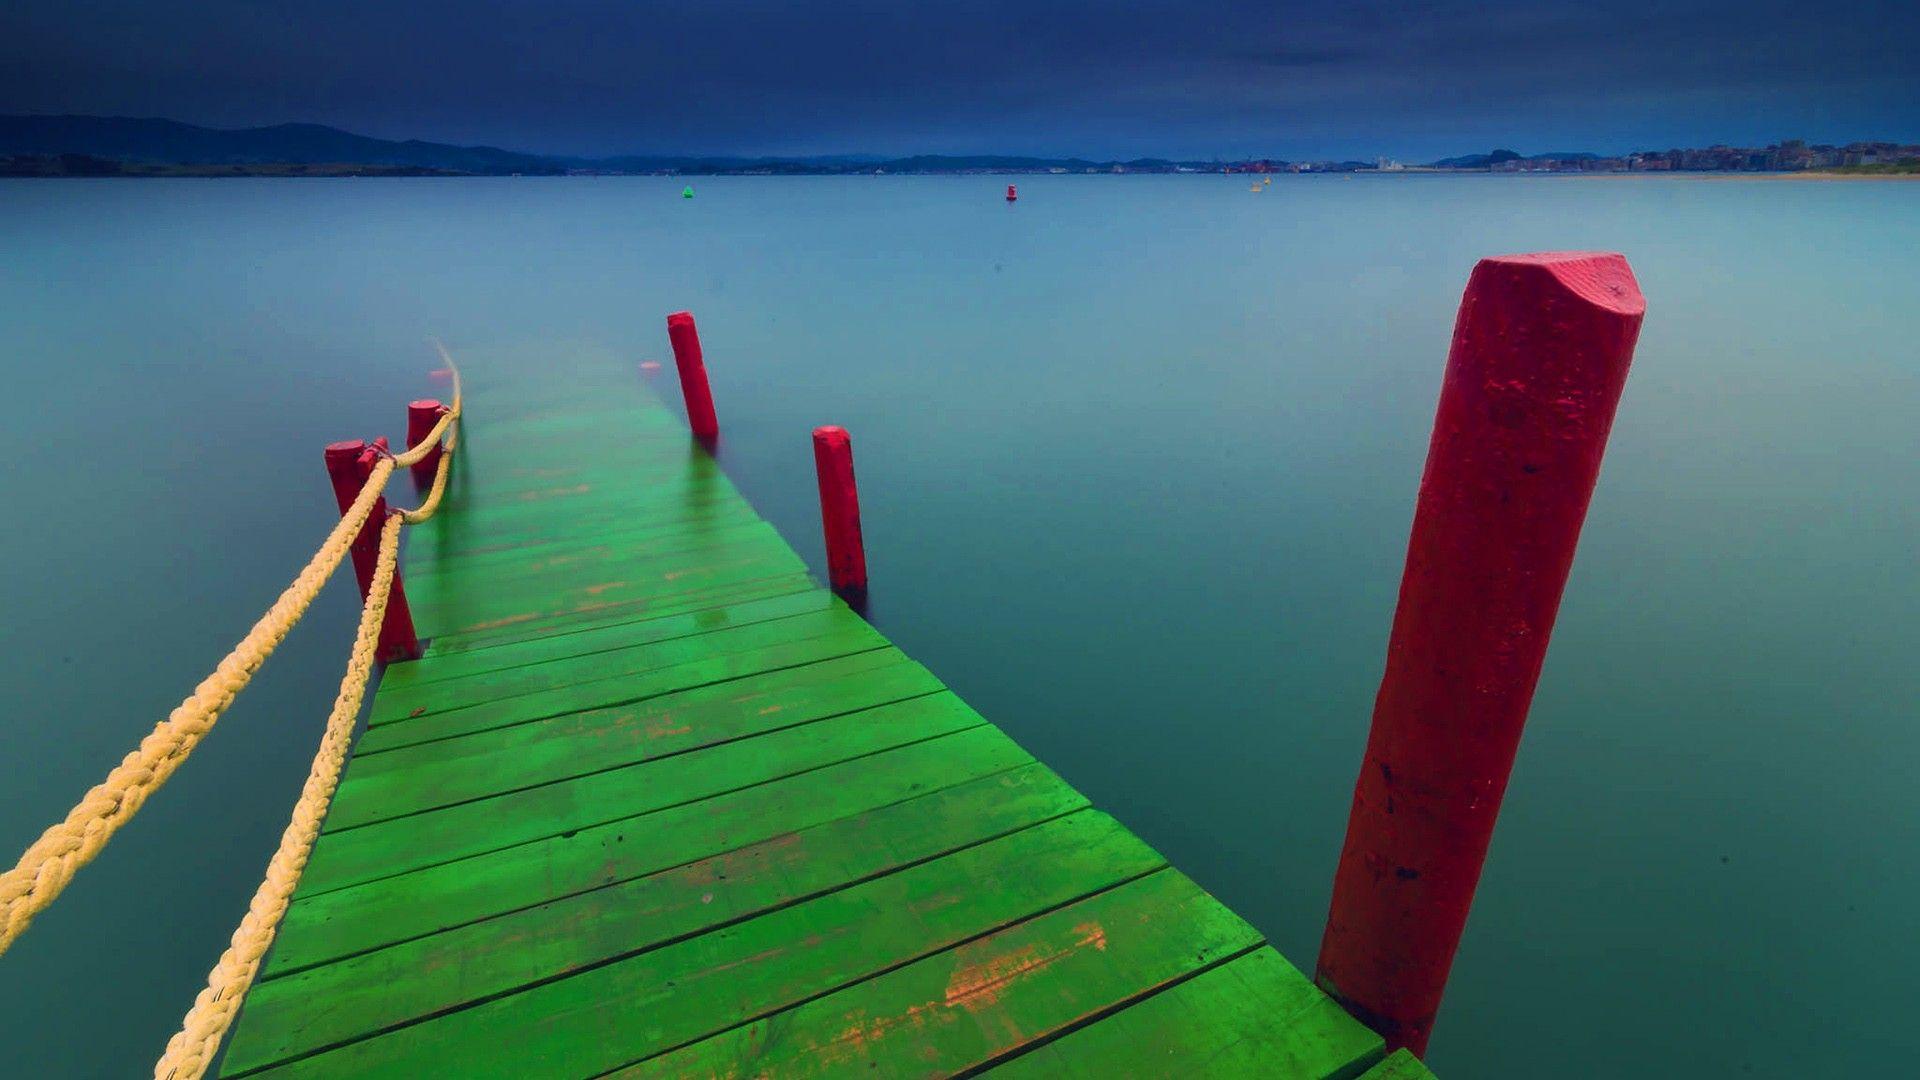 Fond ecran paysage ponton color plongeant dans lac for Architecture qui se fond dans le paysage